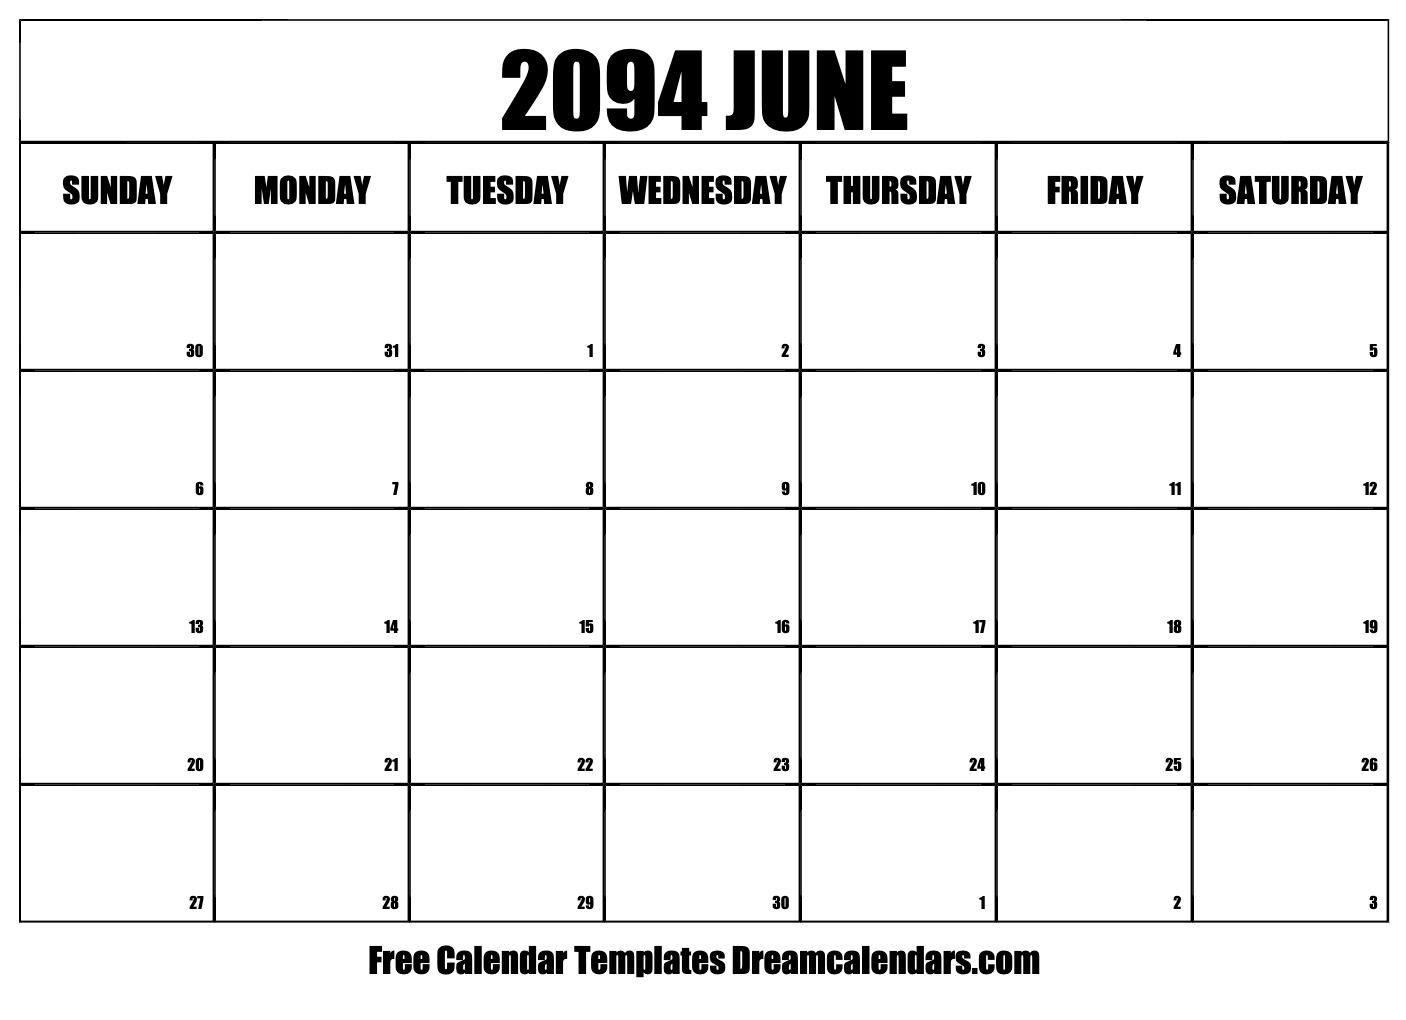 image regarding Printable June Calendar identify Printable June 2094 Calendar